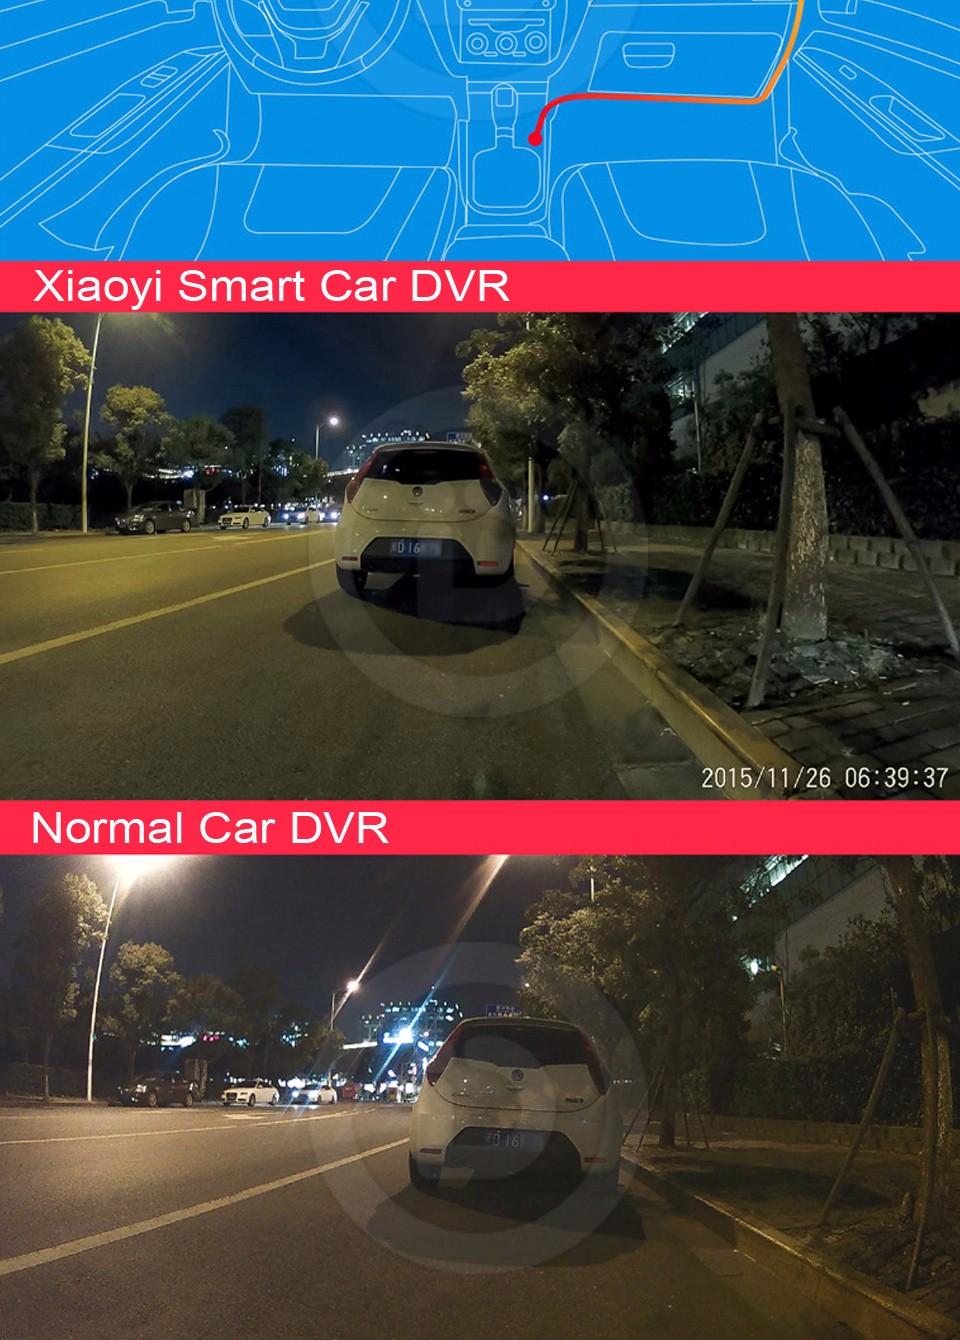 Xiaomi Xiaoyi Smart Car DVR